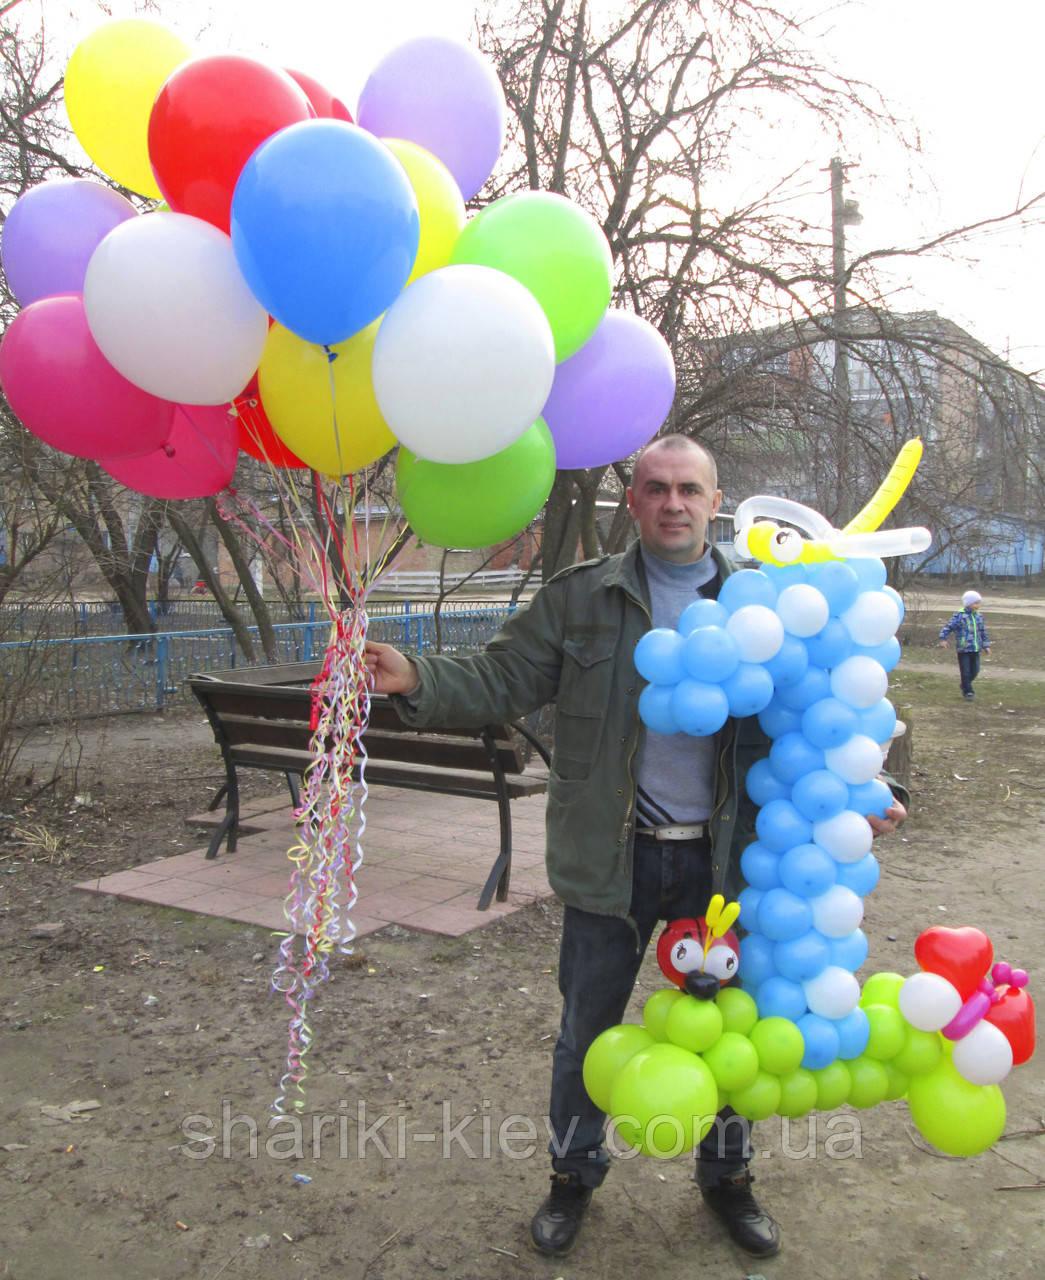 Набор Цифра 1 голубая из воздушных шариков и 25 гелиевых шаров  на Первый День Рождения  - Магазин Шариков и Товаров для праздника Кids шарики Киев  в Киеве